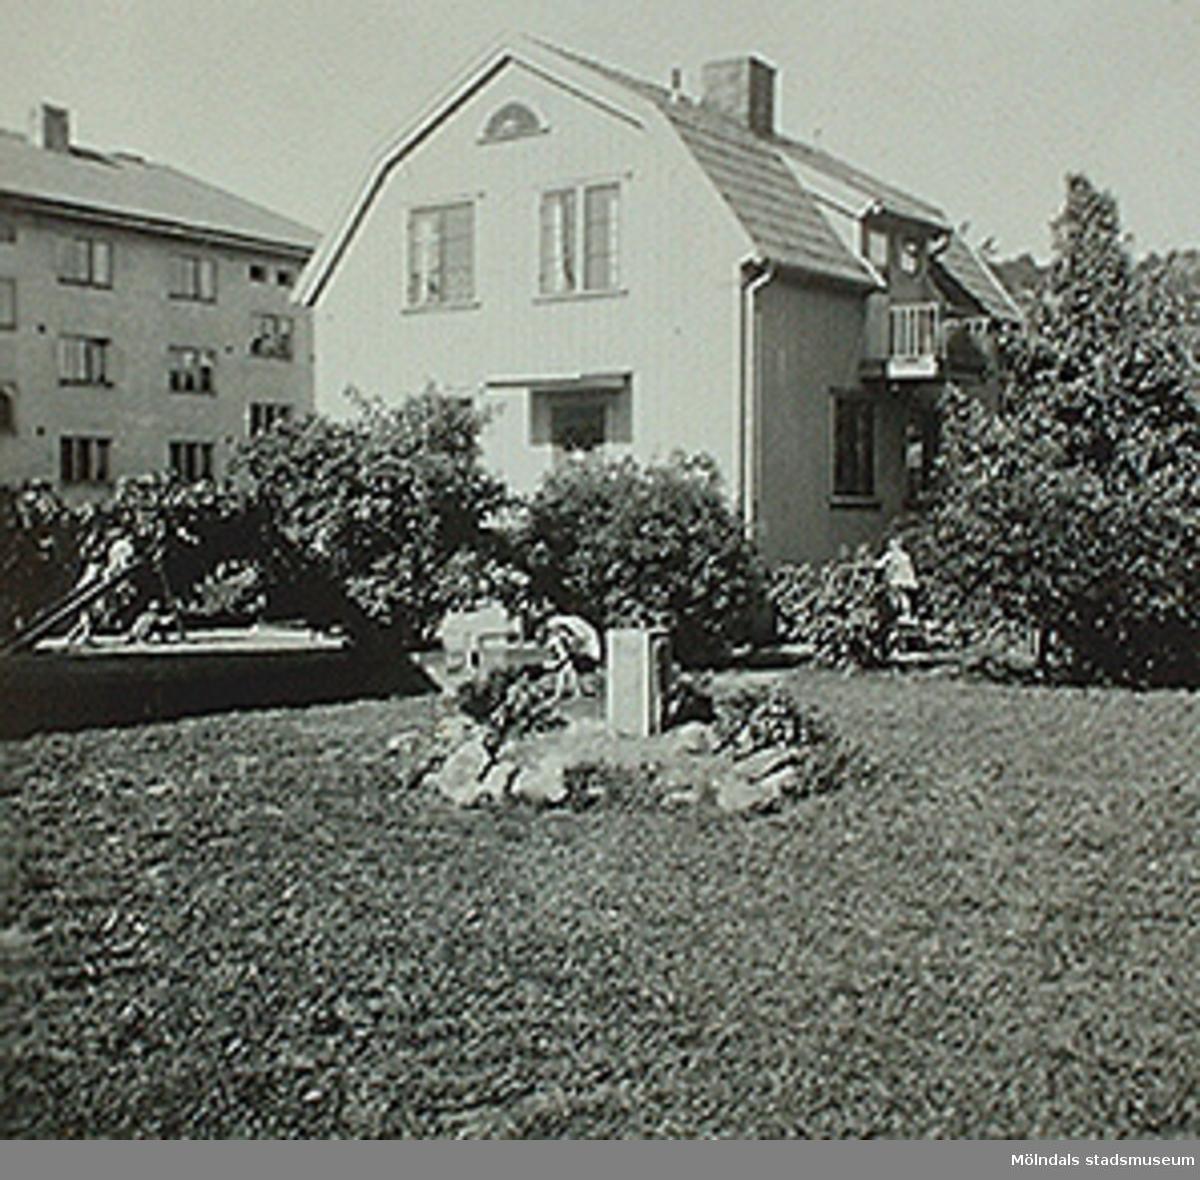 """Foto med påskriften """"Paradiset. och"""" sitter i albumet (invnr: 03395) """"Krokslätts daghem, Dalhemsgatan 7, Mölndal. 2 juni 1948 - 30 sept 1951"""" illustrerat av Ruth Karlsson.Det finns även med i häftet """"Krokslätt från barnkrubba till fritidshem 1945 - 1999"""" av Margit Wannerberg."""